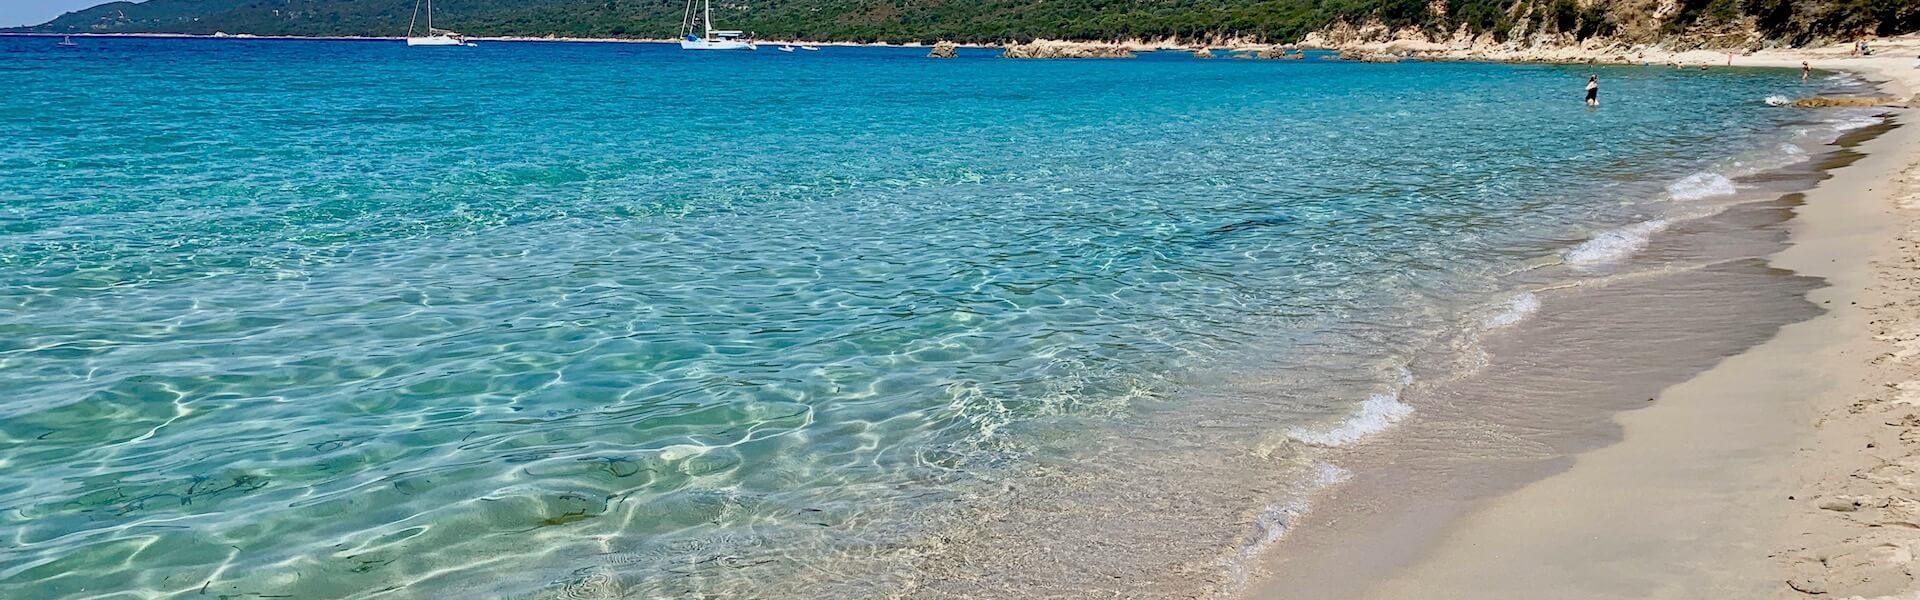 La plage de Cupabia en Corse